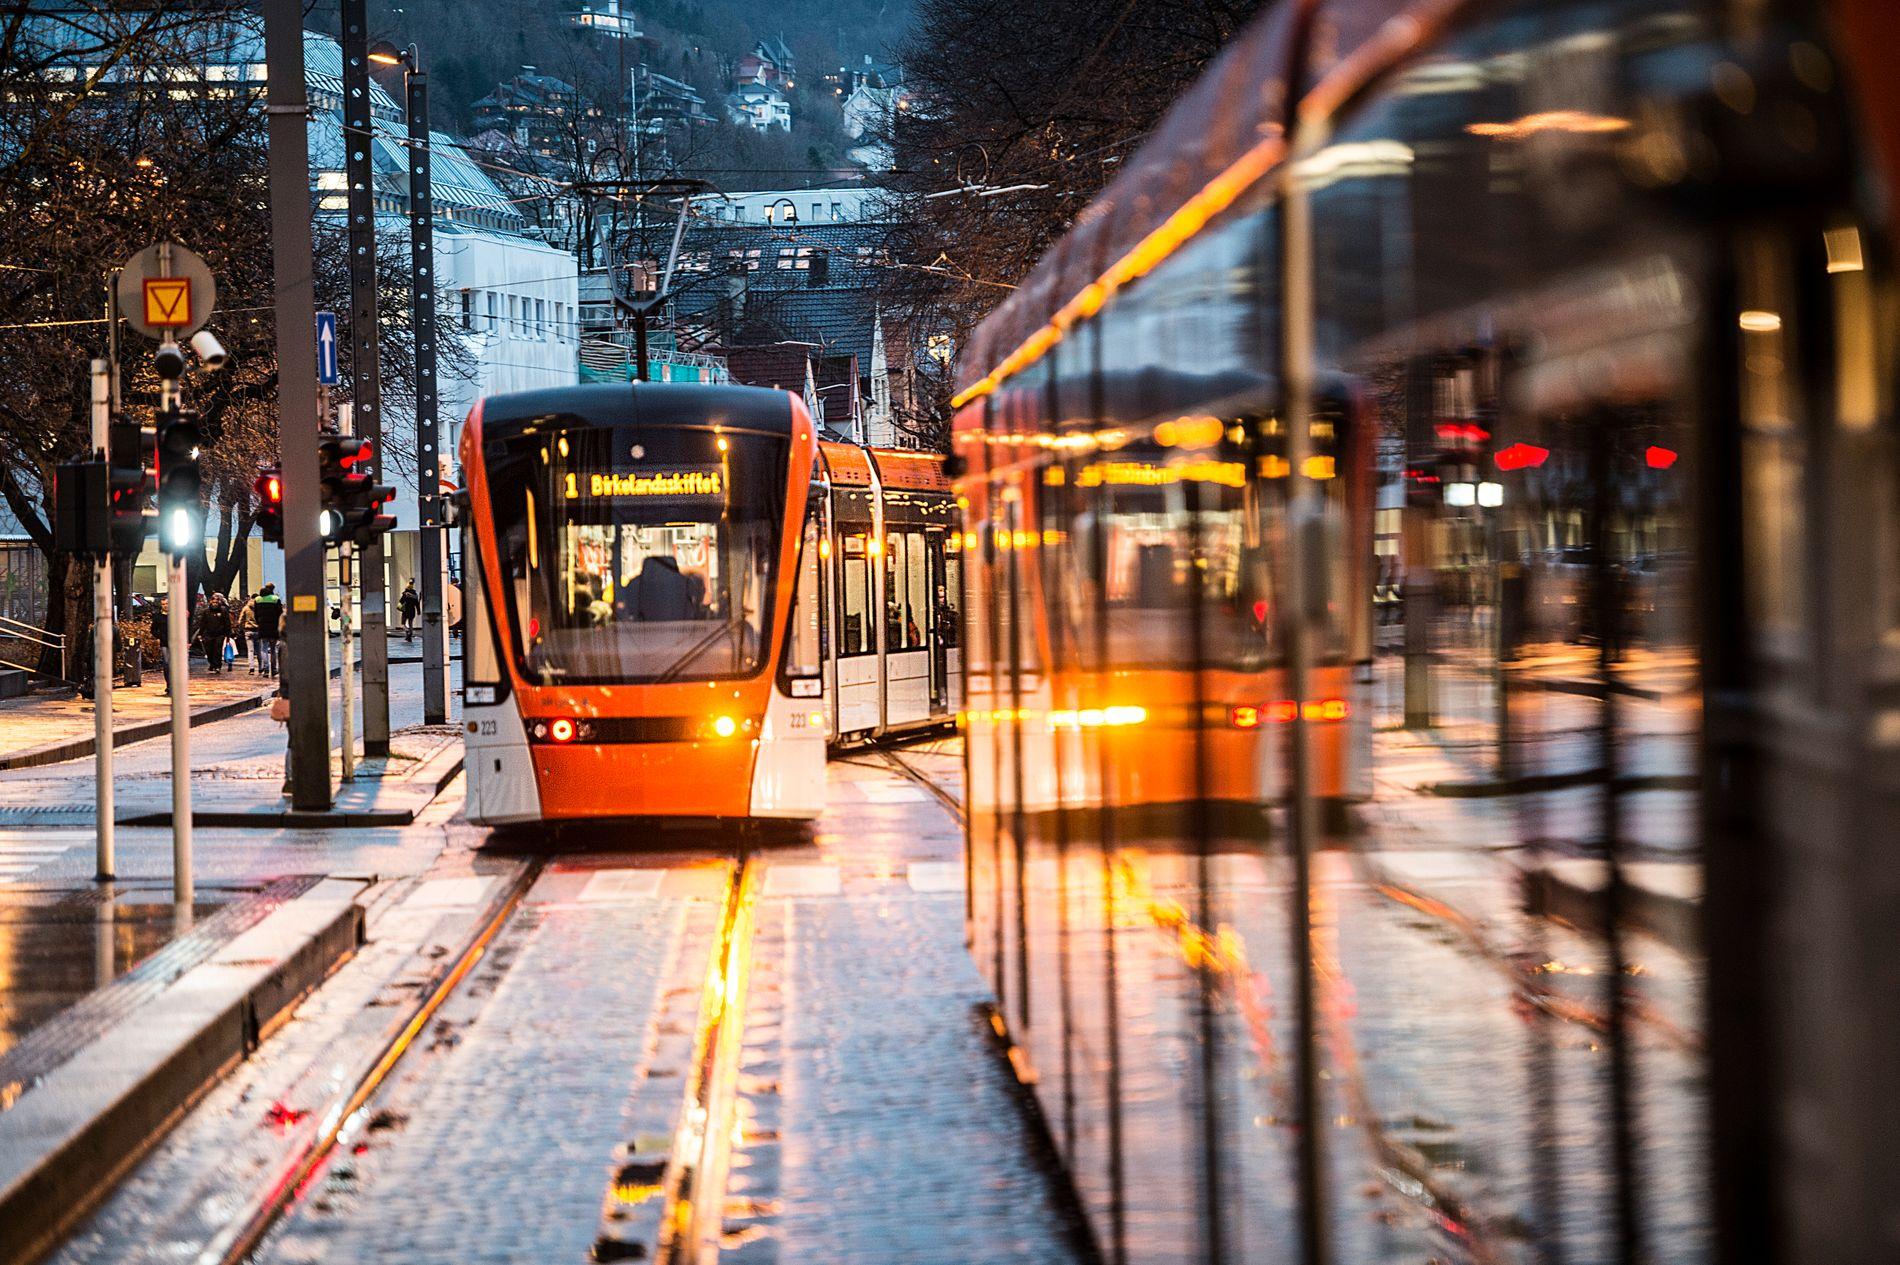 BYBANEN: «Det er kanskje på tide å revurdere bybaneambisjonene?» skrev stortingsrepresentant Ove Trellevik (H) på Facebook. Men Høyre elsker Bybanen, svarer Erik Skutle.